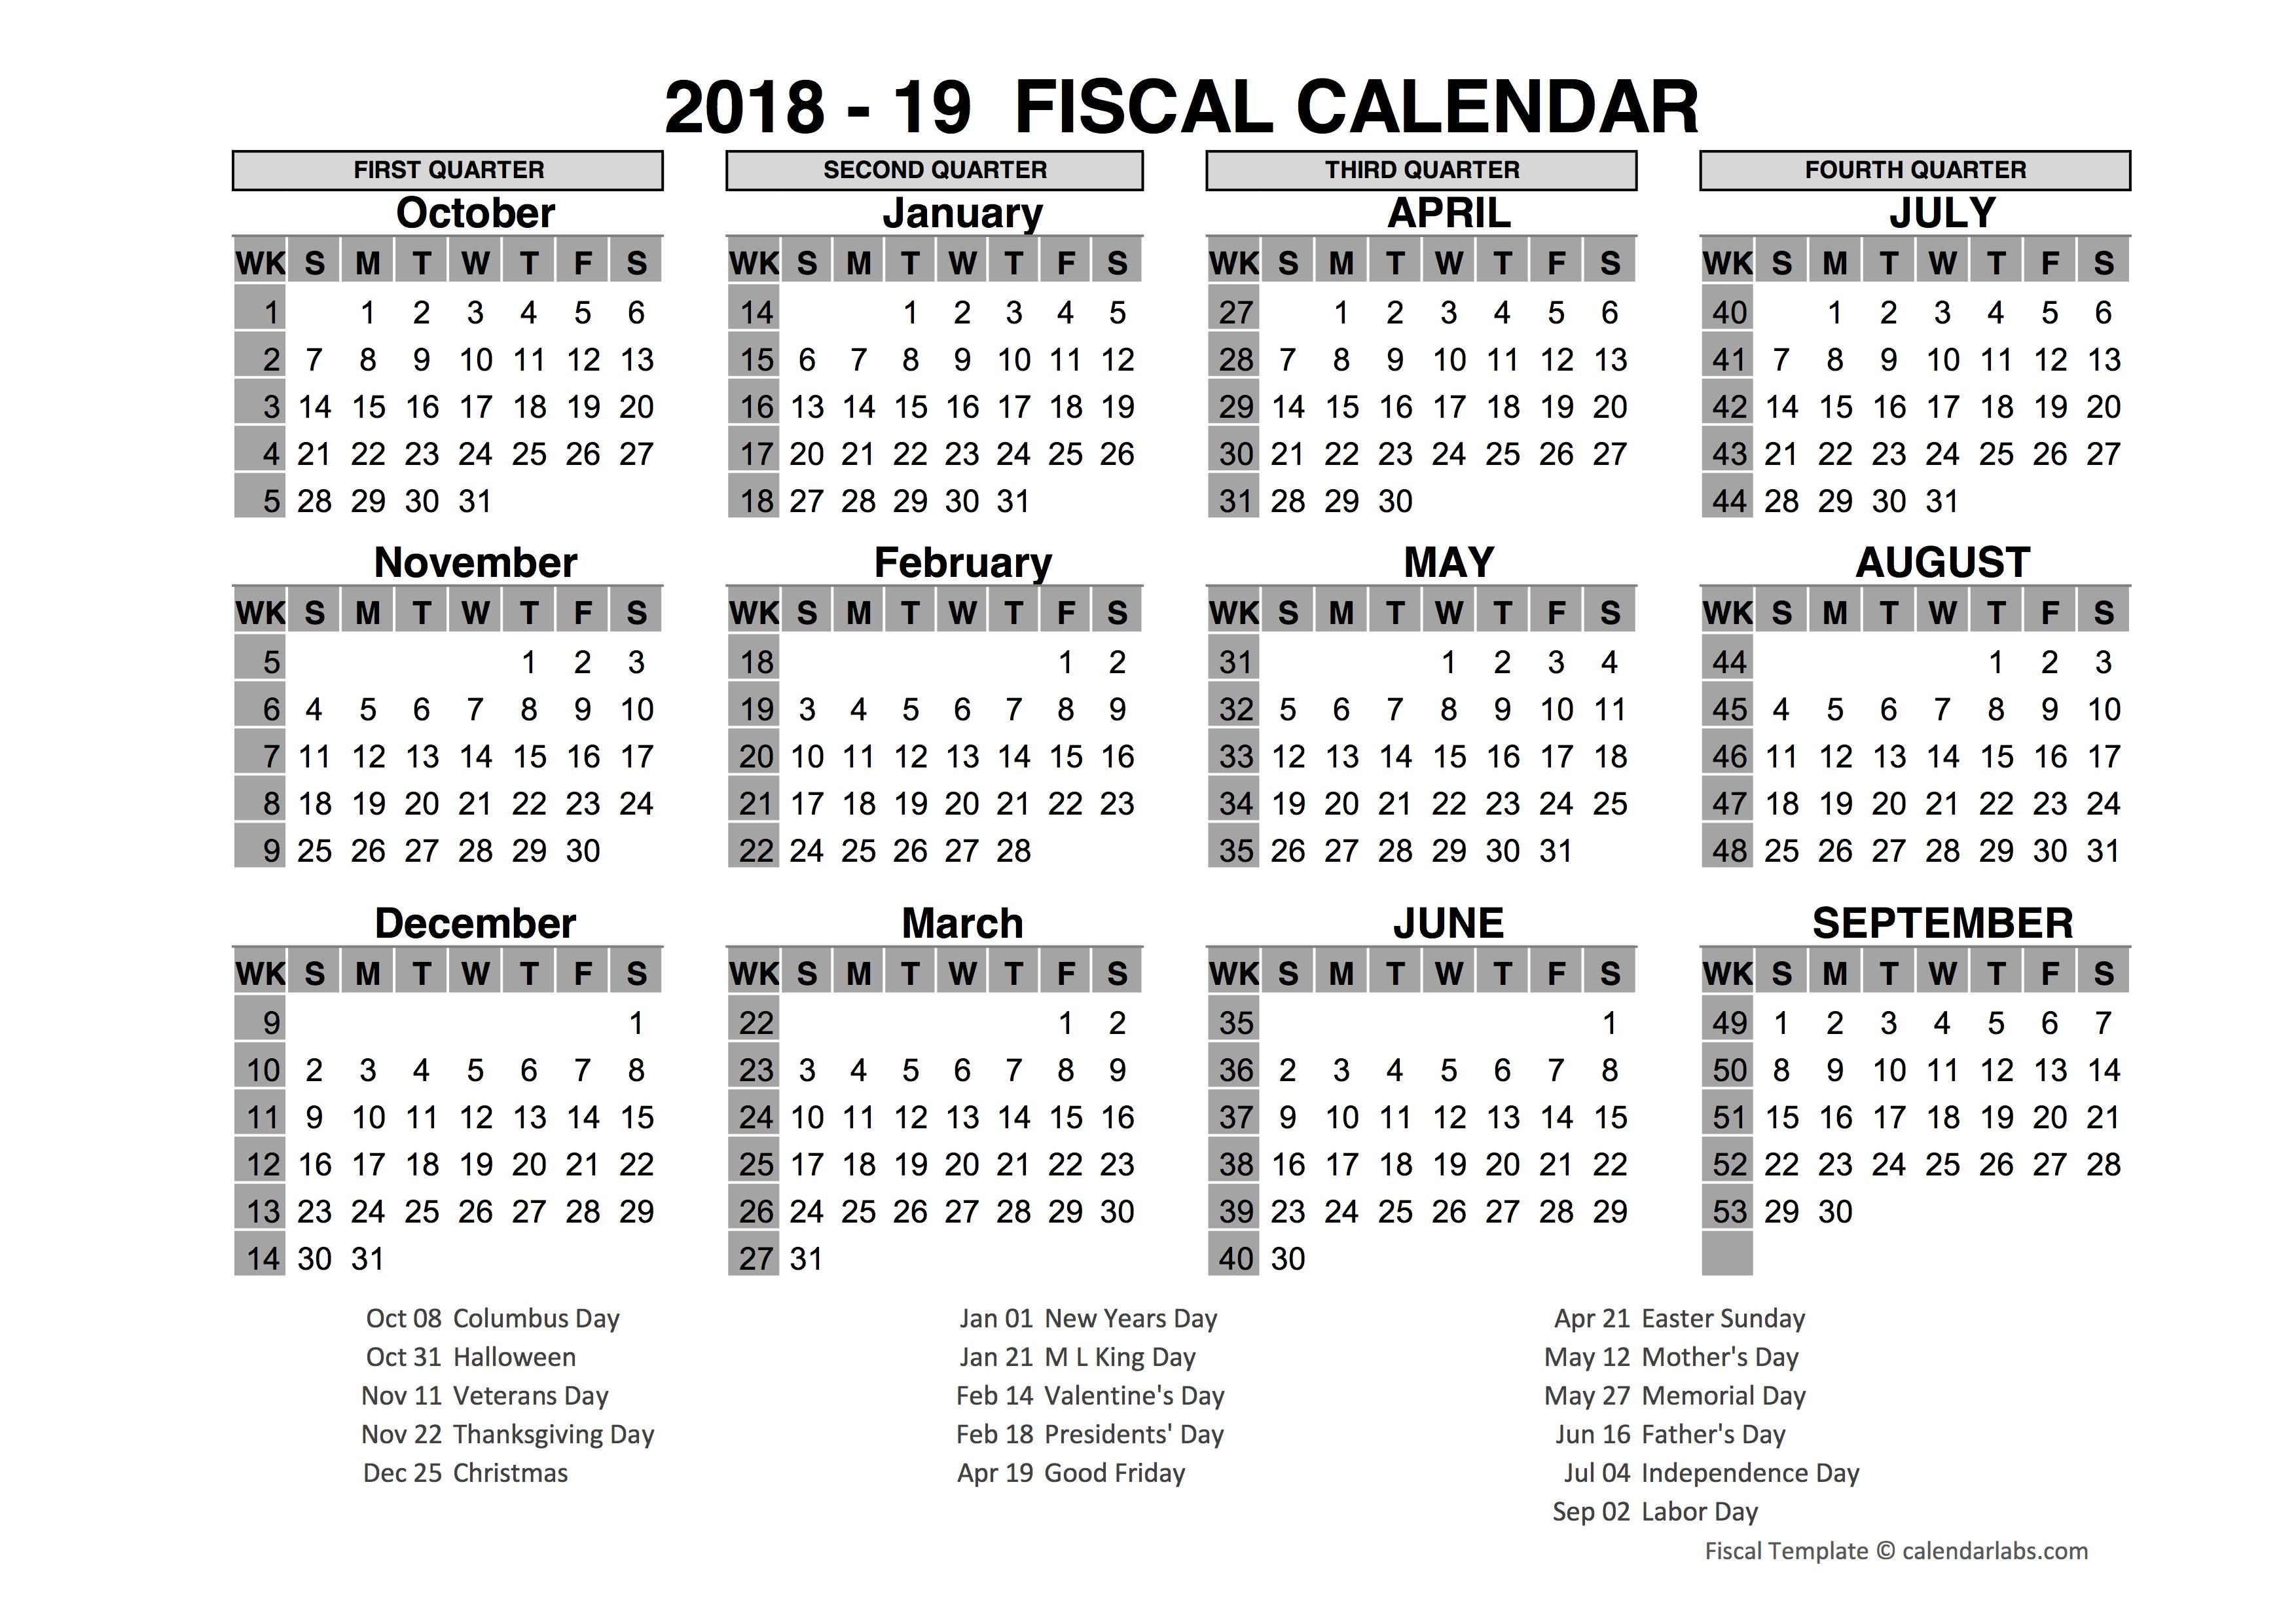 Date calendar in Australia